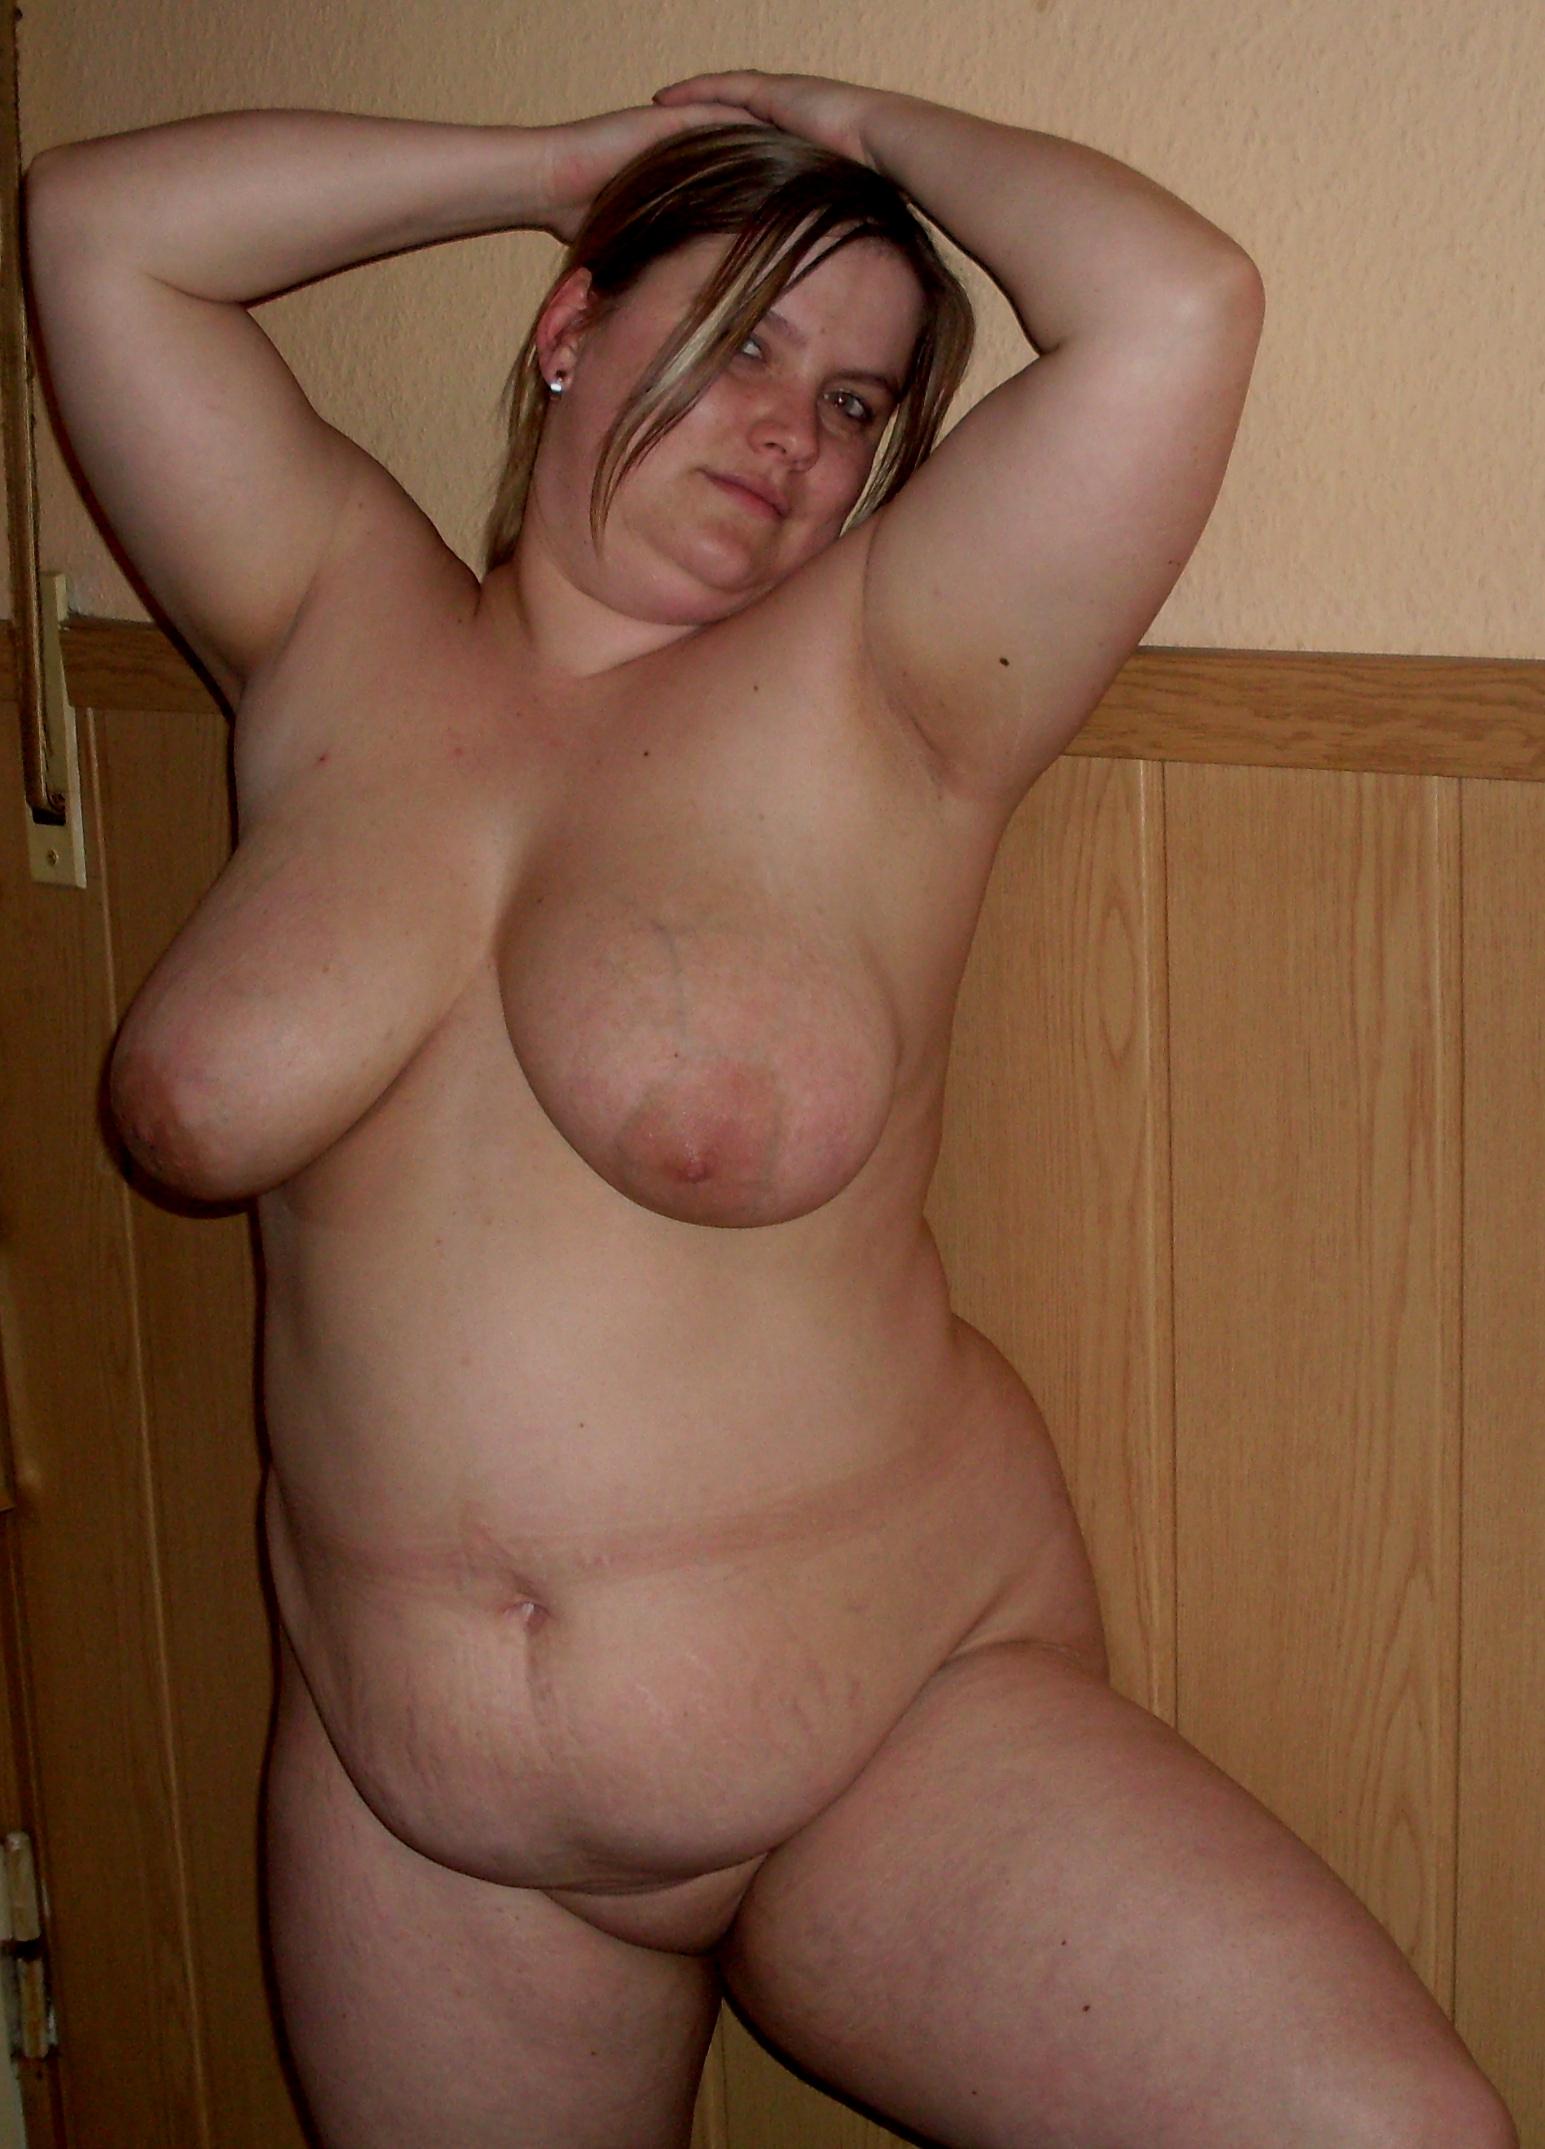 Самые толстые женщины фото голые 25 фотография